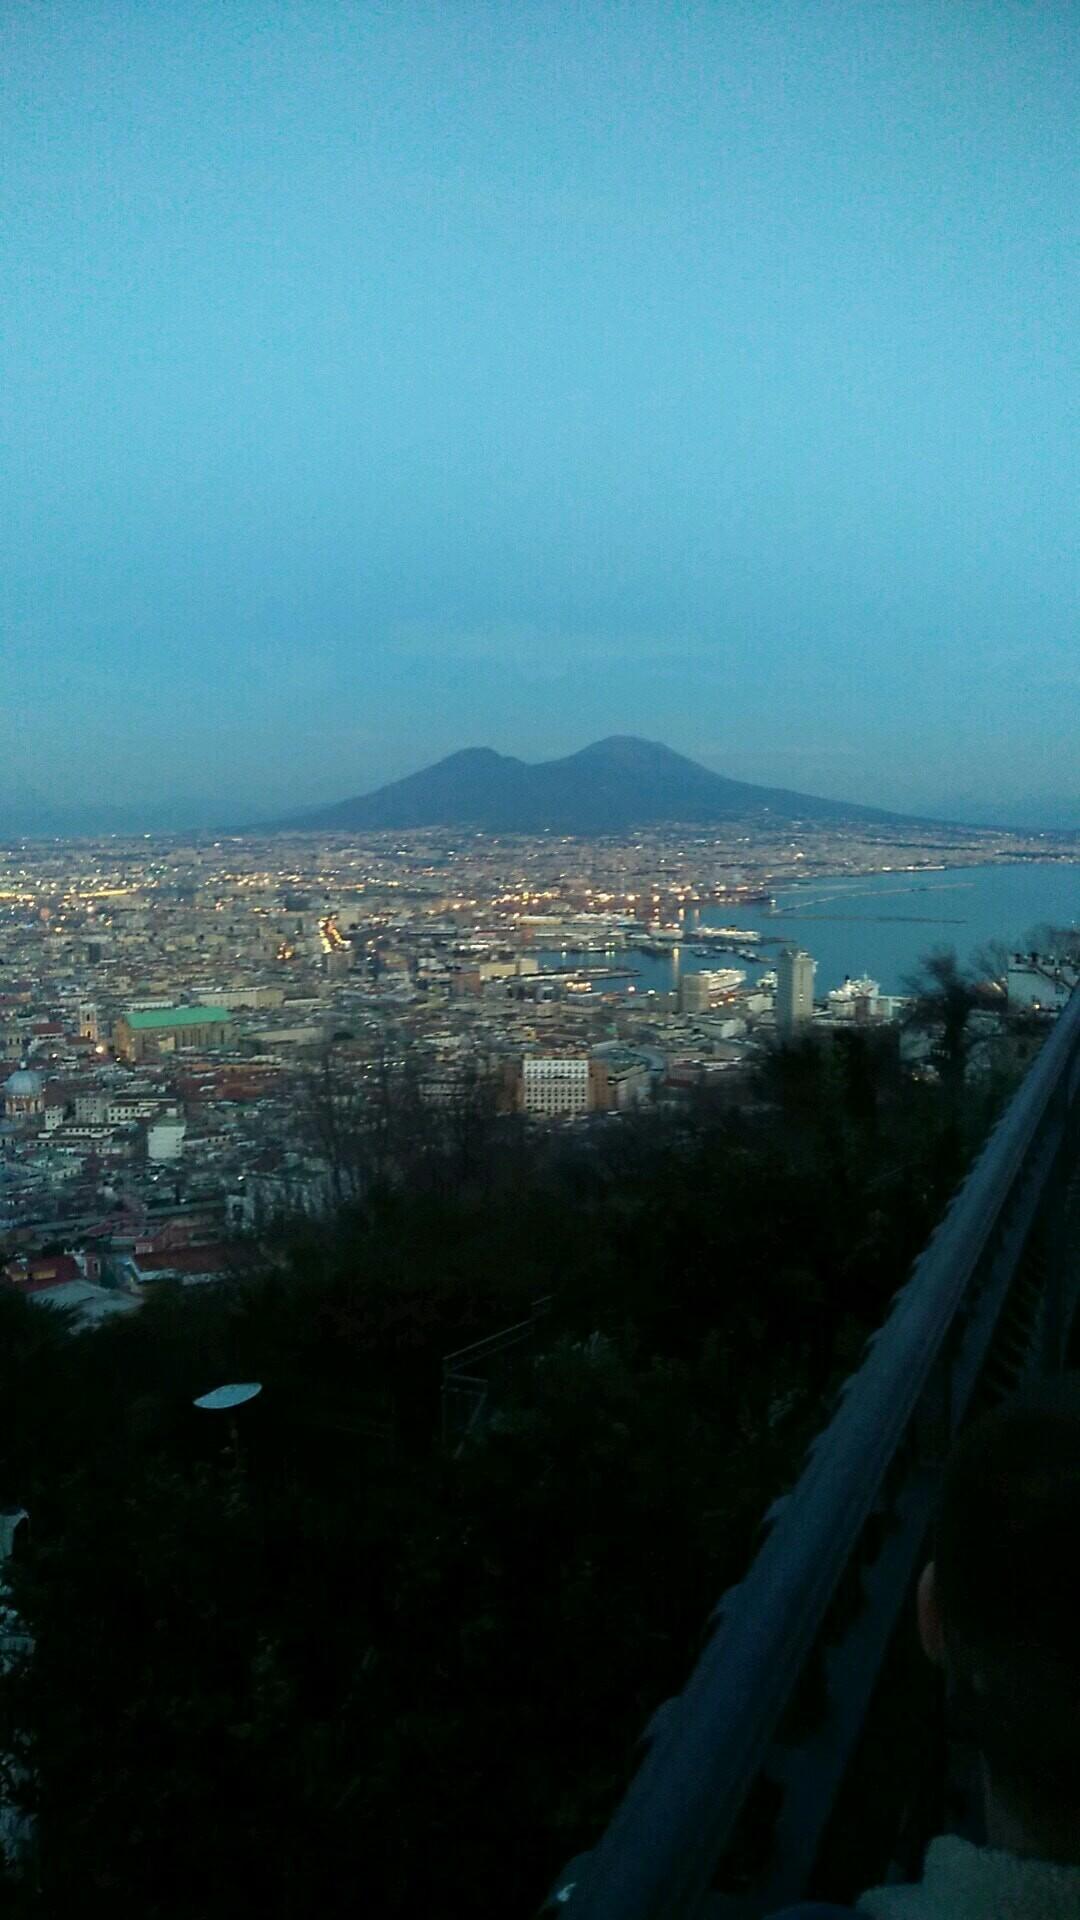 Vue sur Naples en Italie